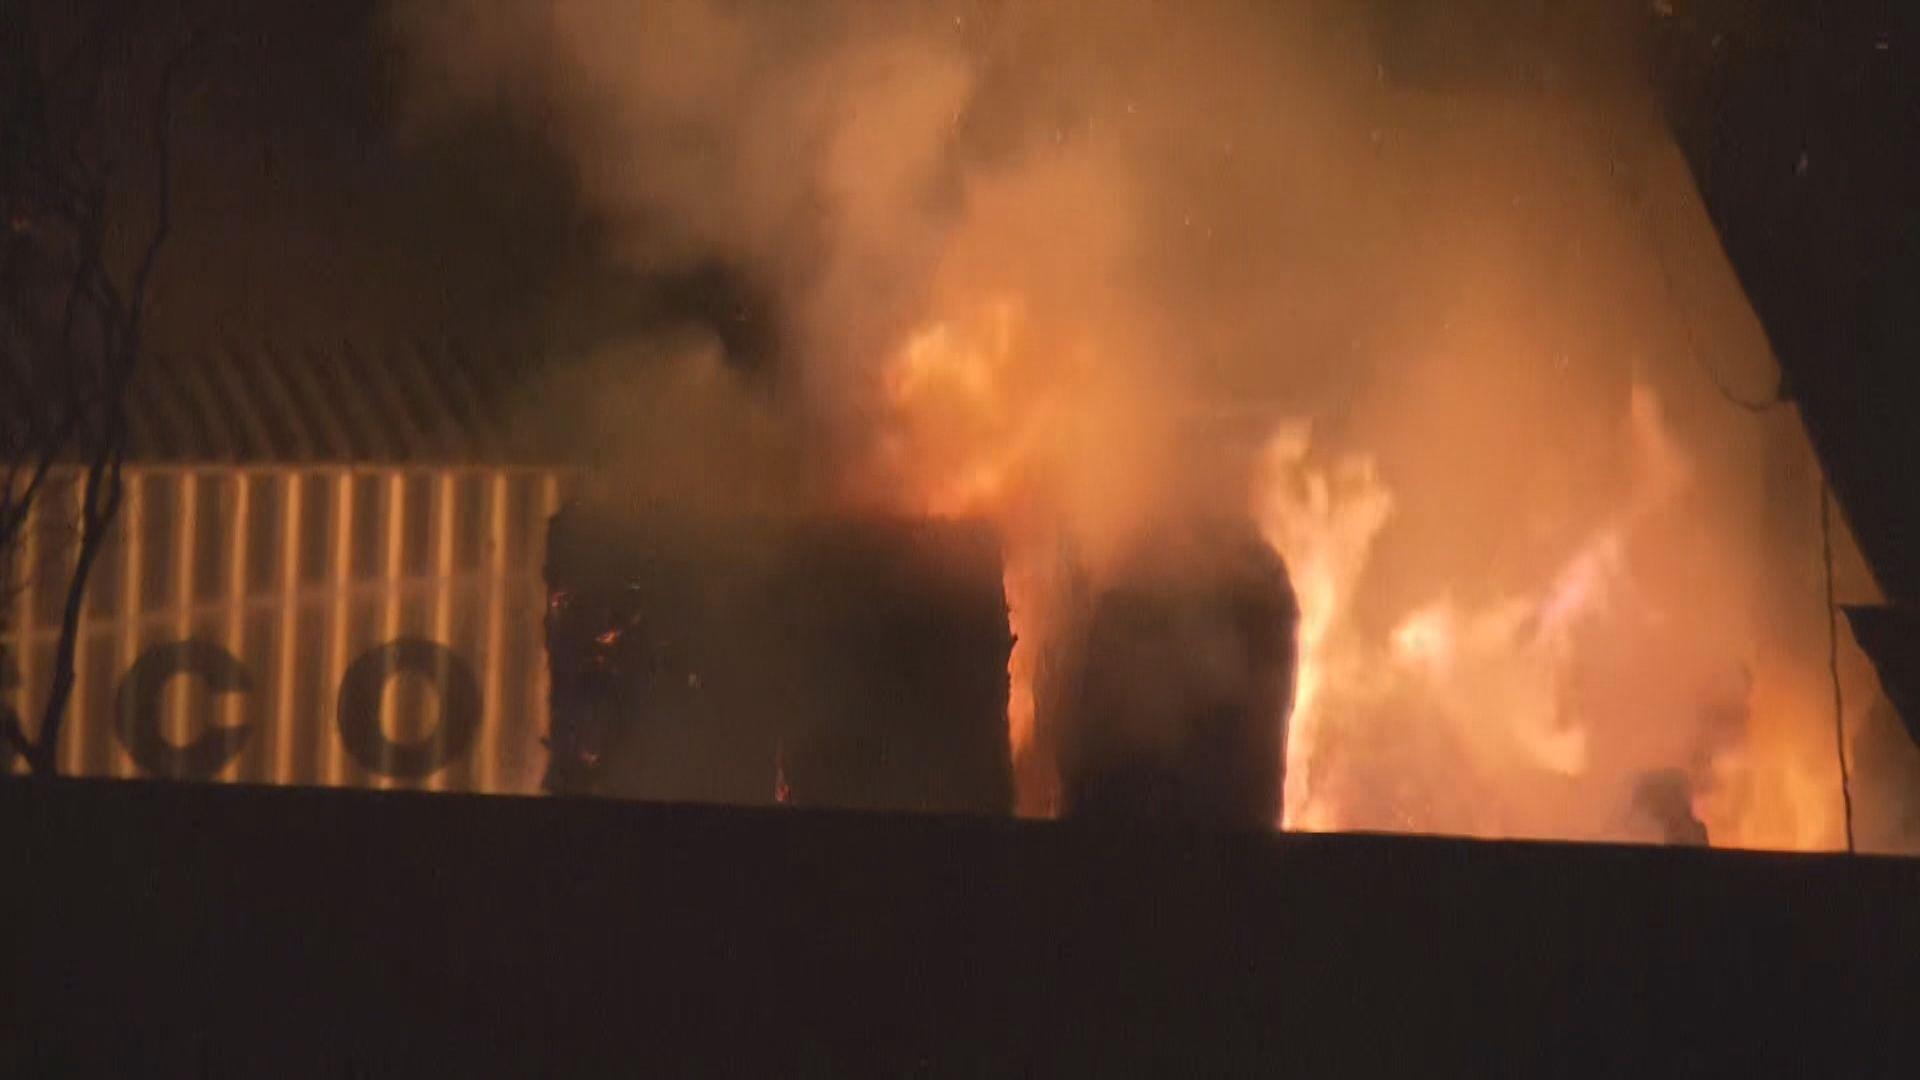 青衣路油庫旁回收場發生二級火